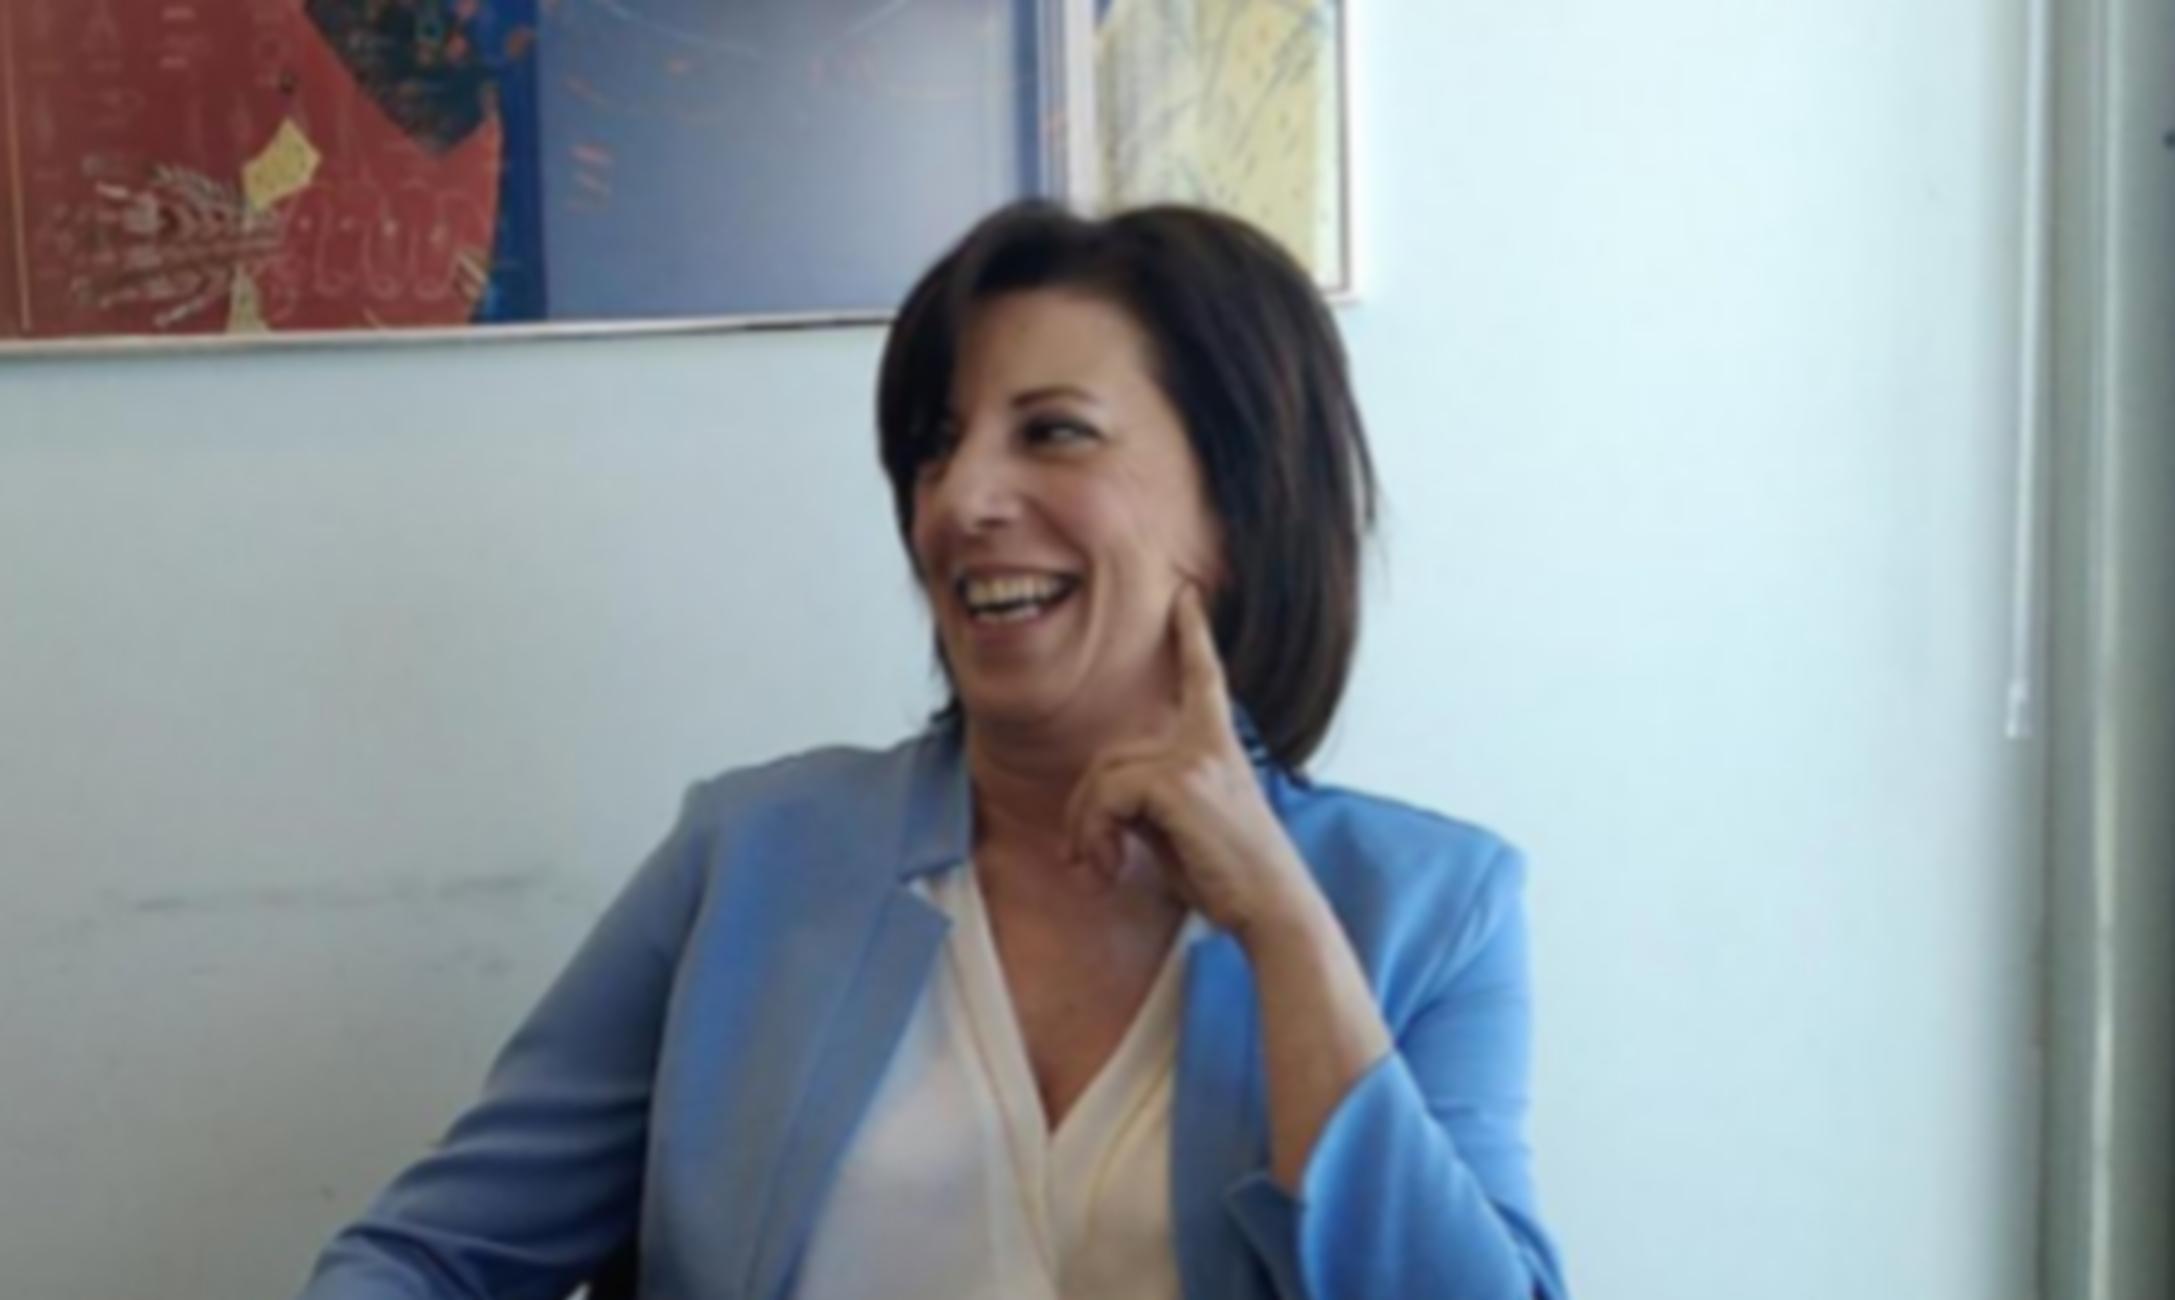 Γυναίκα η νέα πρόεδρος στην Ιστιοπλοΐα για πρώτη φορά στην ιστορία